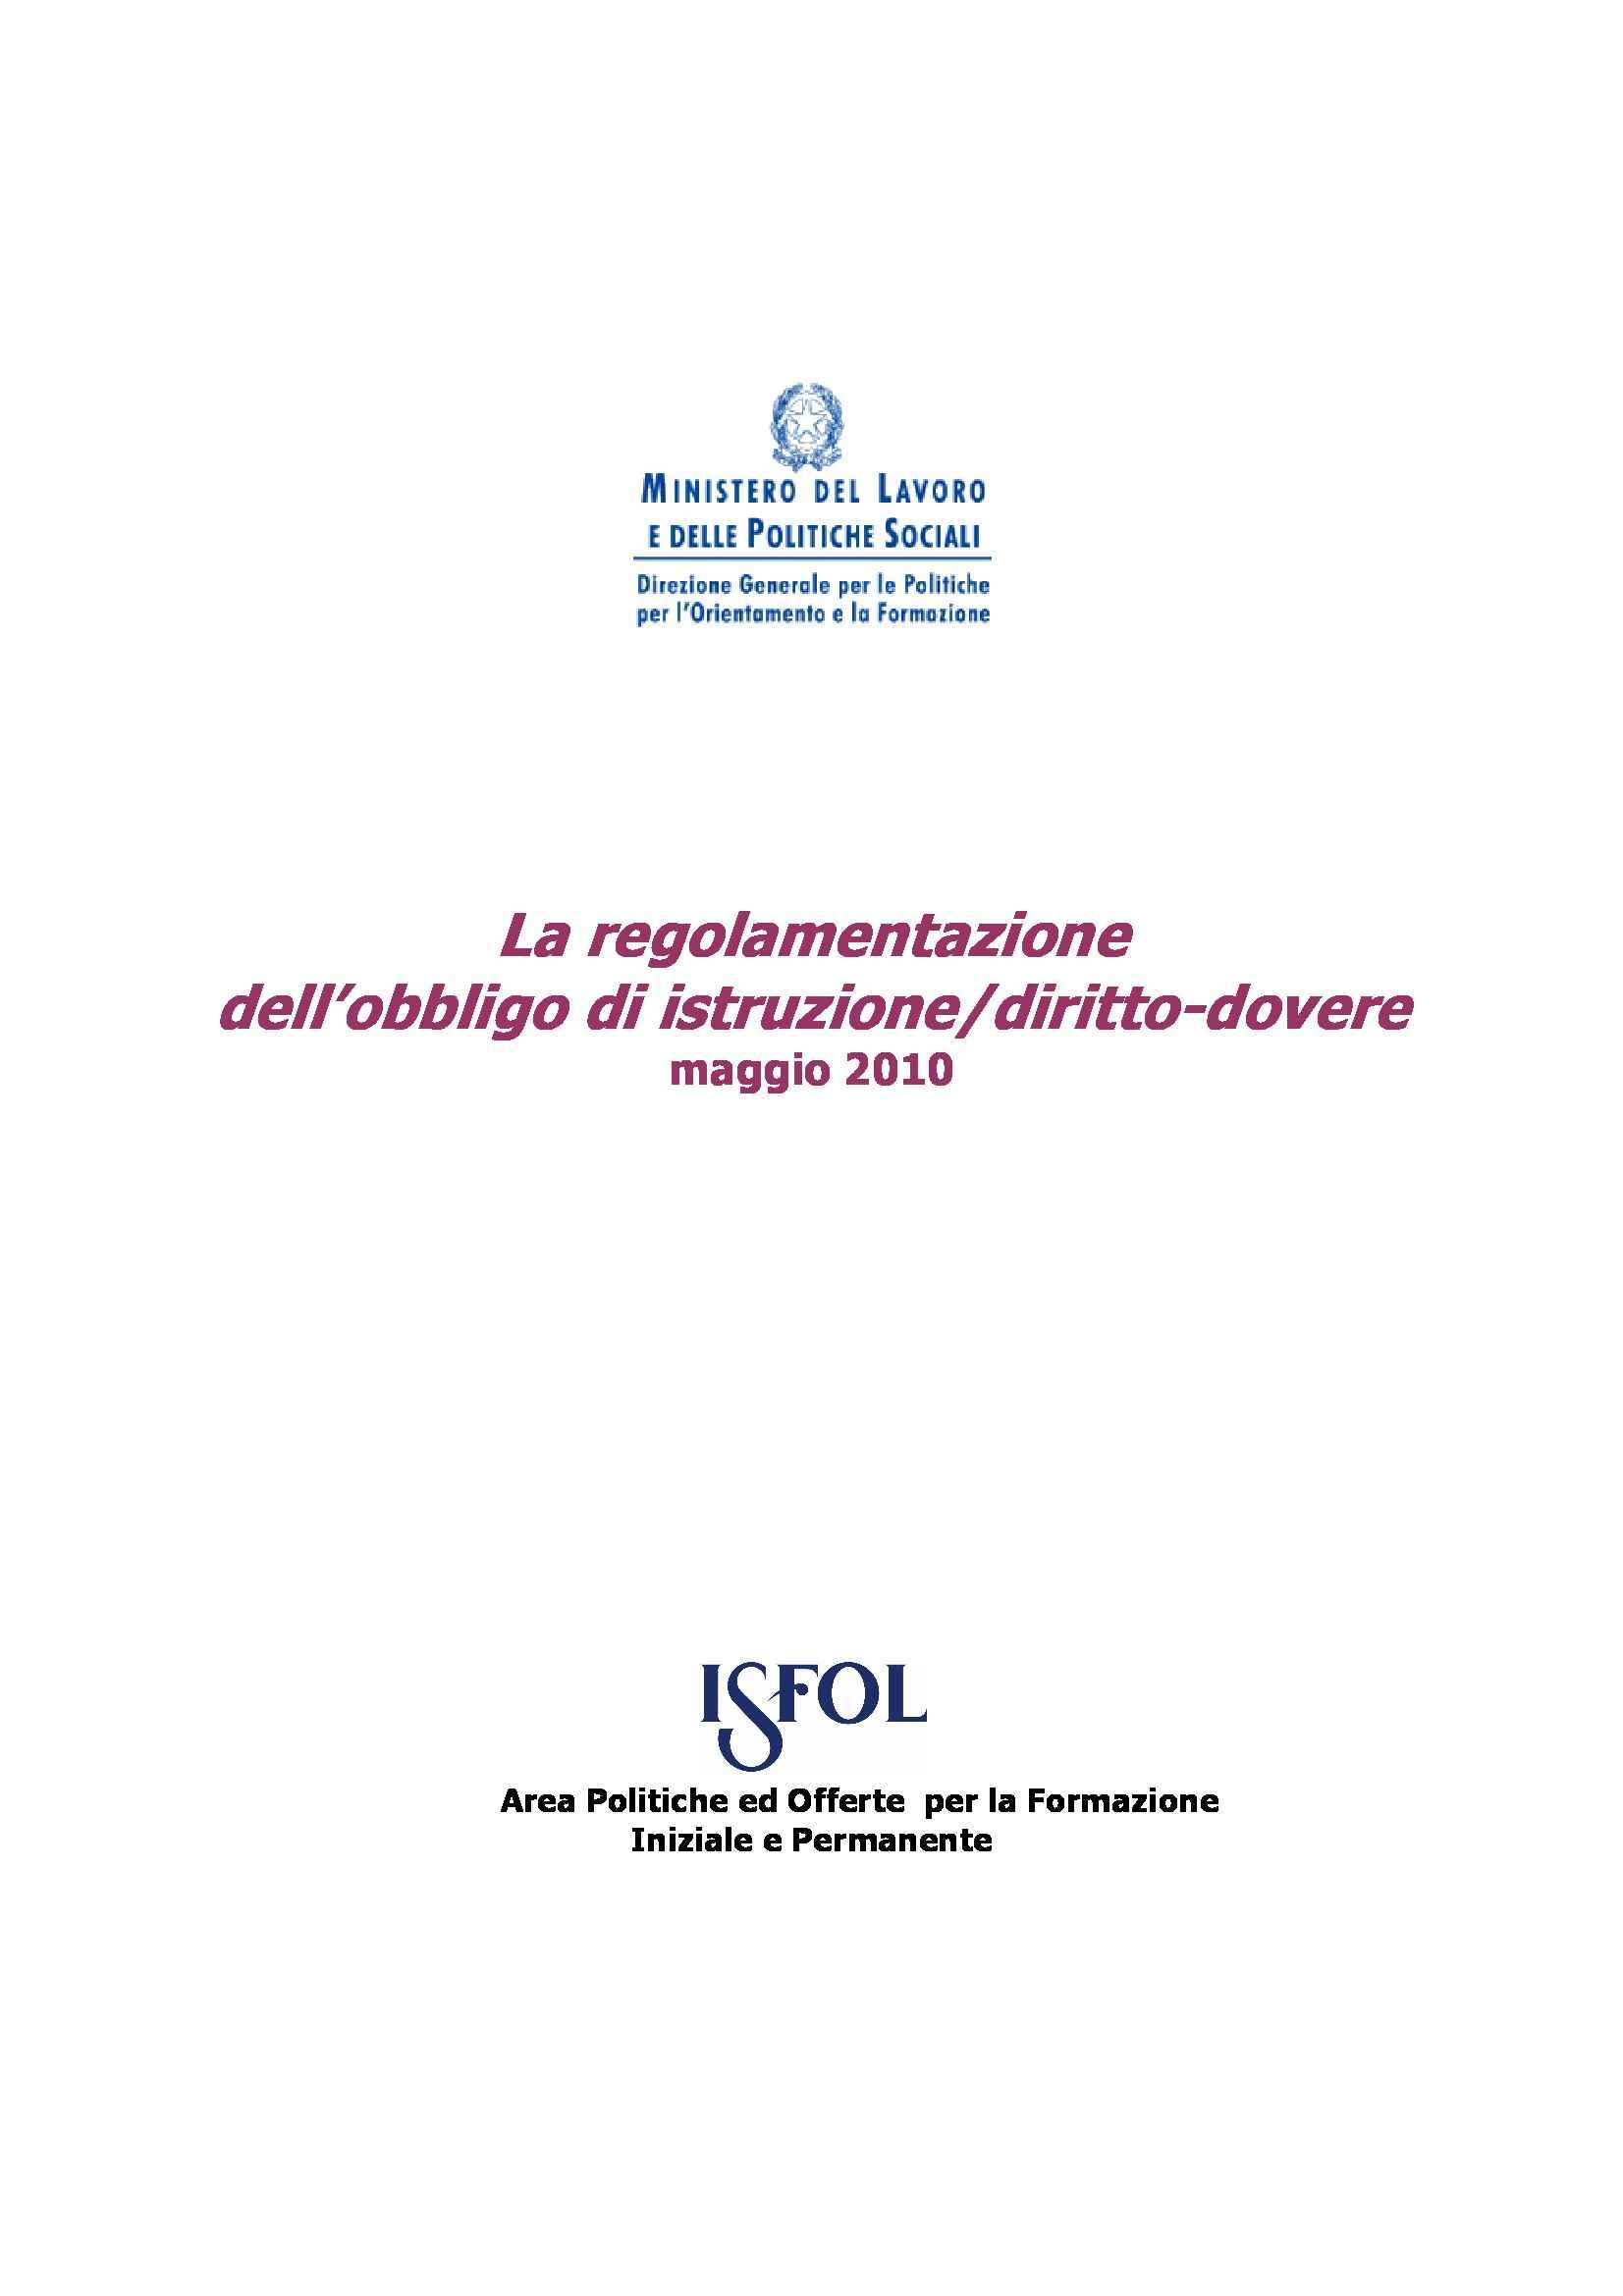 Regolamentazione dell'obbligo di istruzione/diritto-dovere